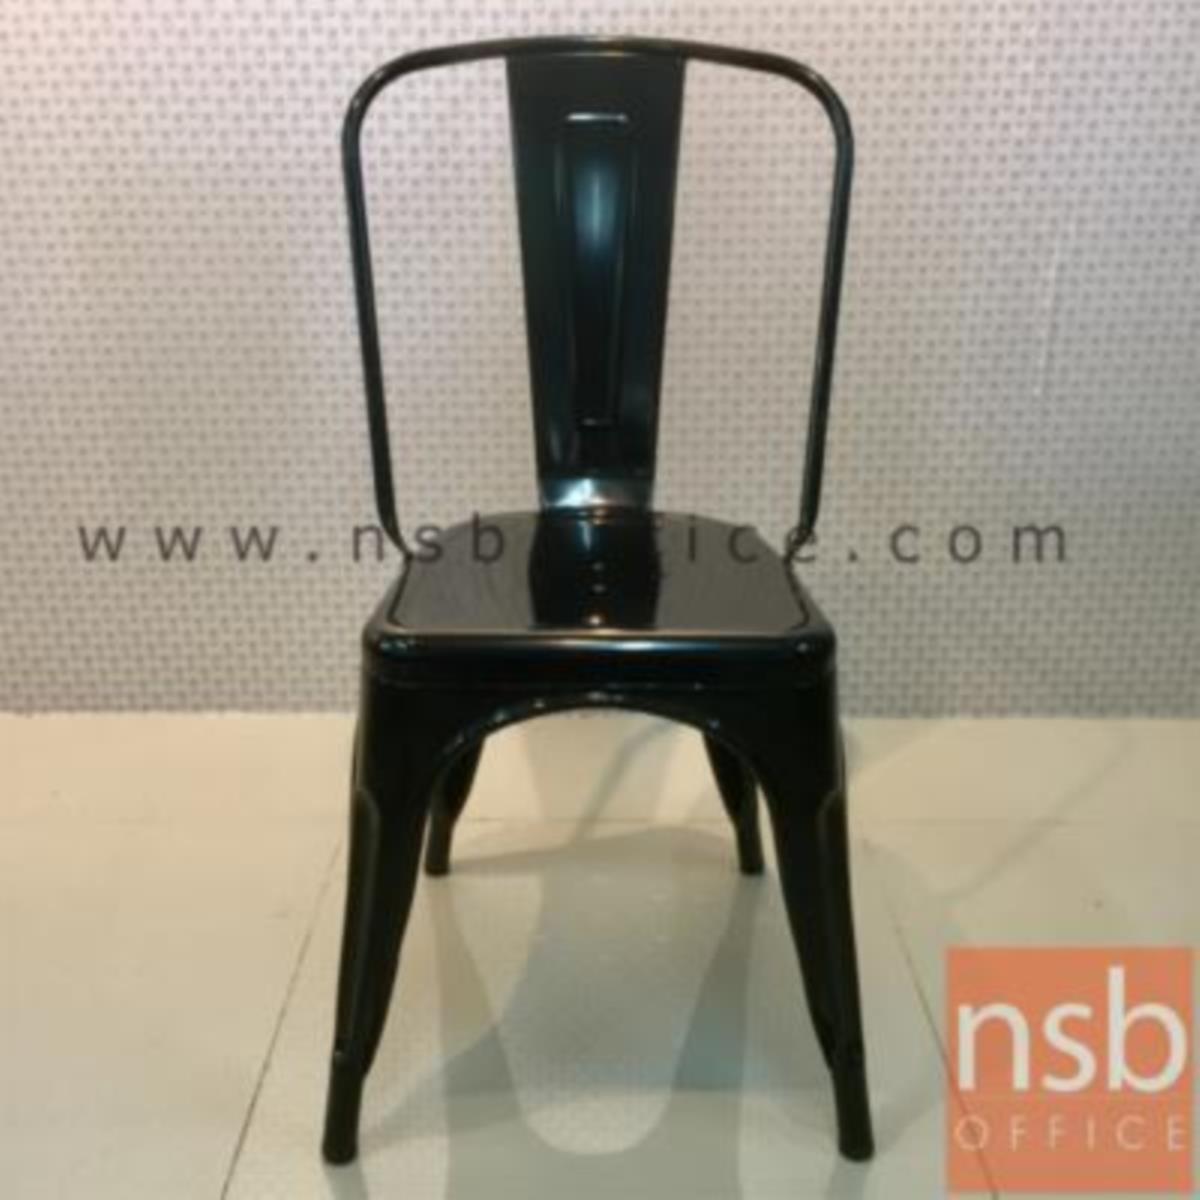 เก้าอี้โมเดิร์นเหล็ก รุ่น Belegost (เบเลกอสต์)  สีดำ